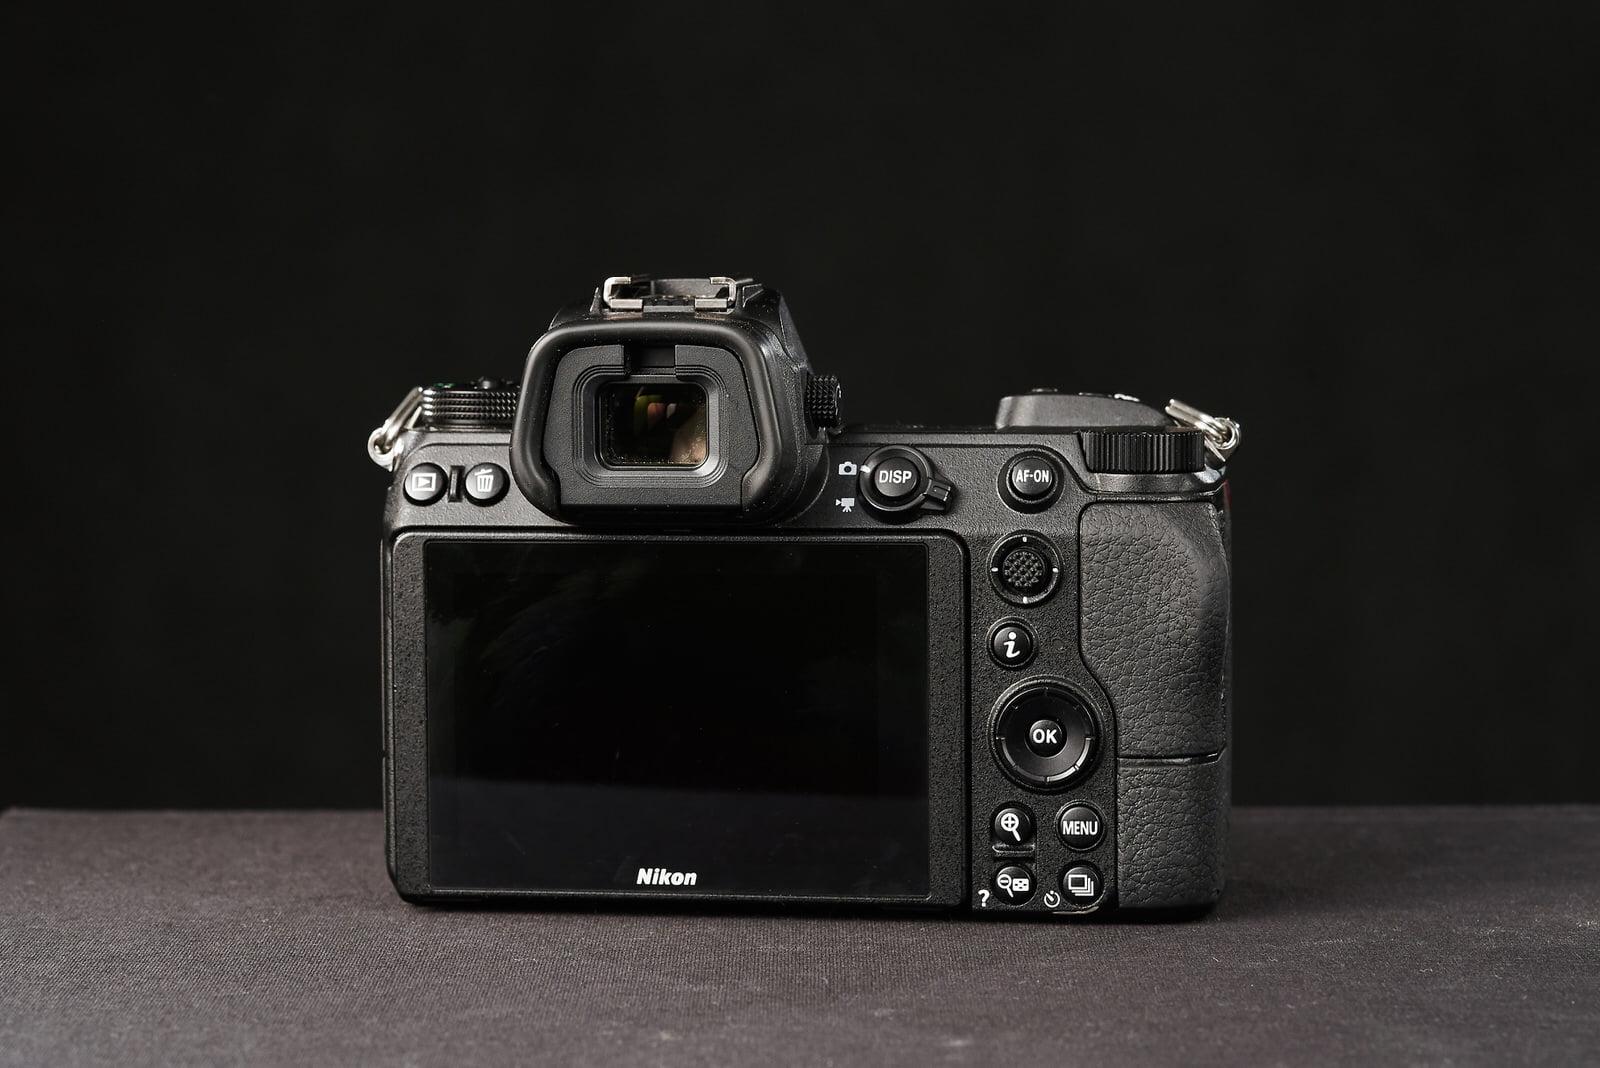 Recenzja Nikon Z6 w fotografii ślubnej | Porównanie do Nikona D750 3